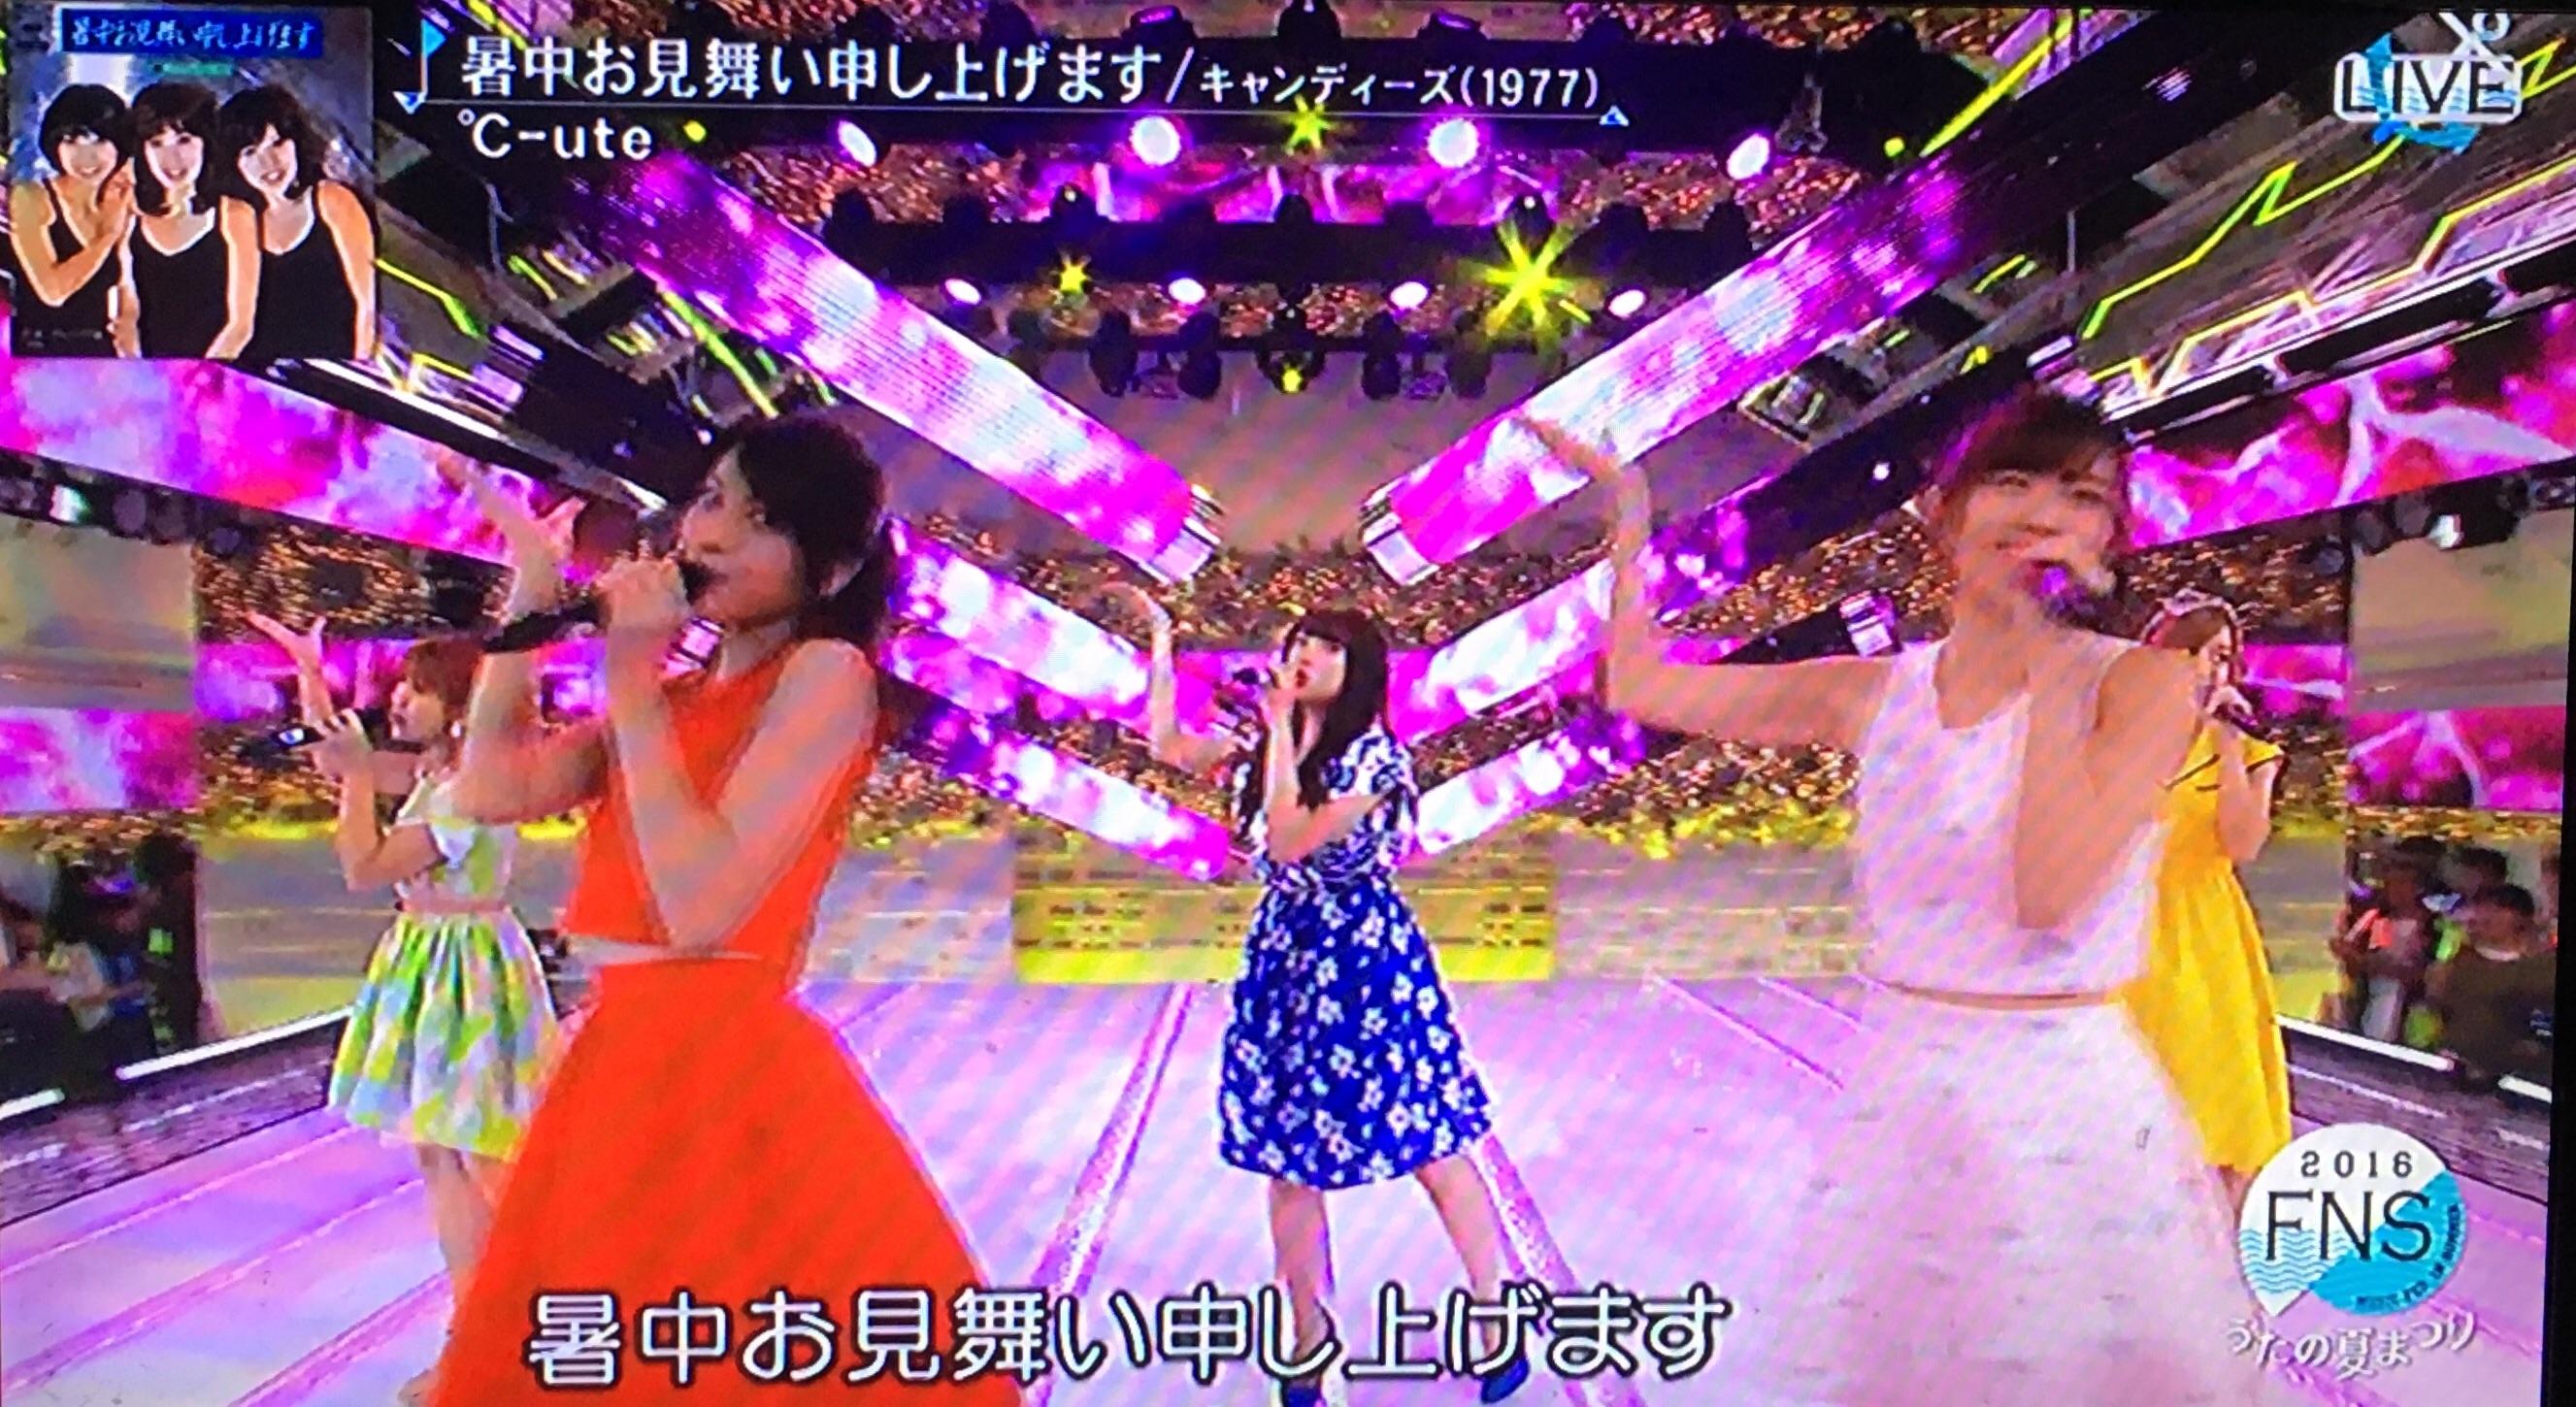 f:id:idehazuki:20160724175804j:image